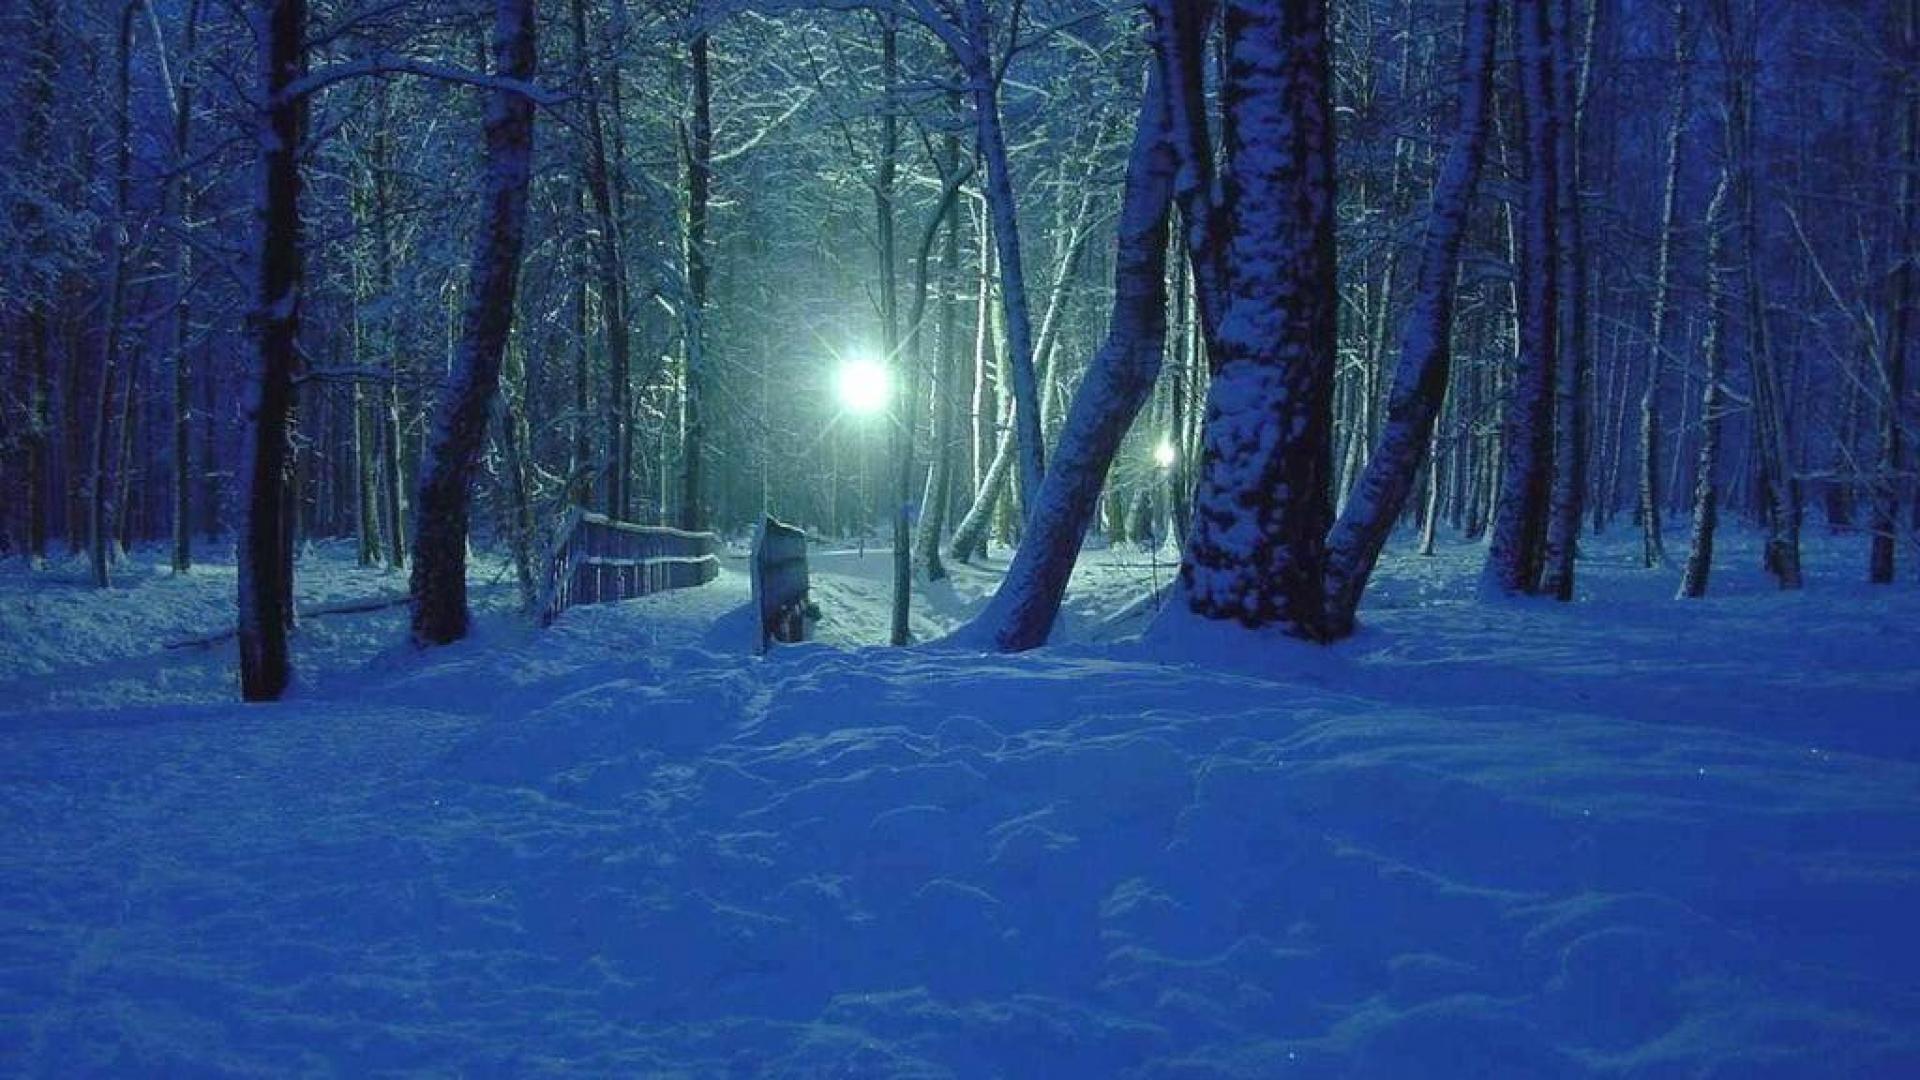 Winter Night HD Desktop Background wallpaper free